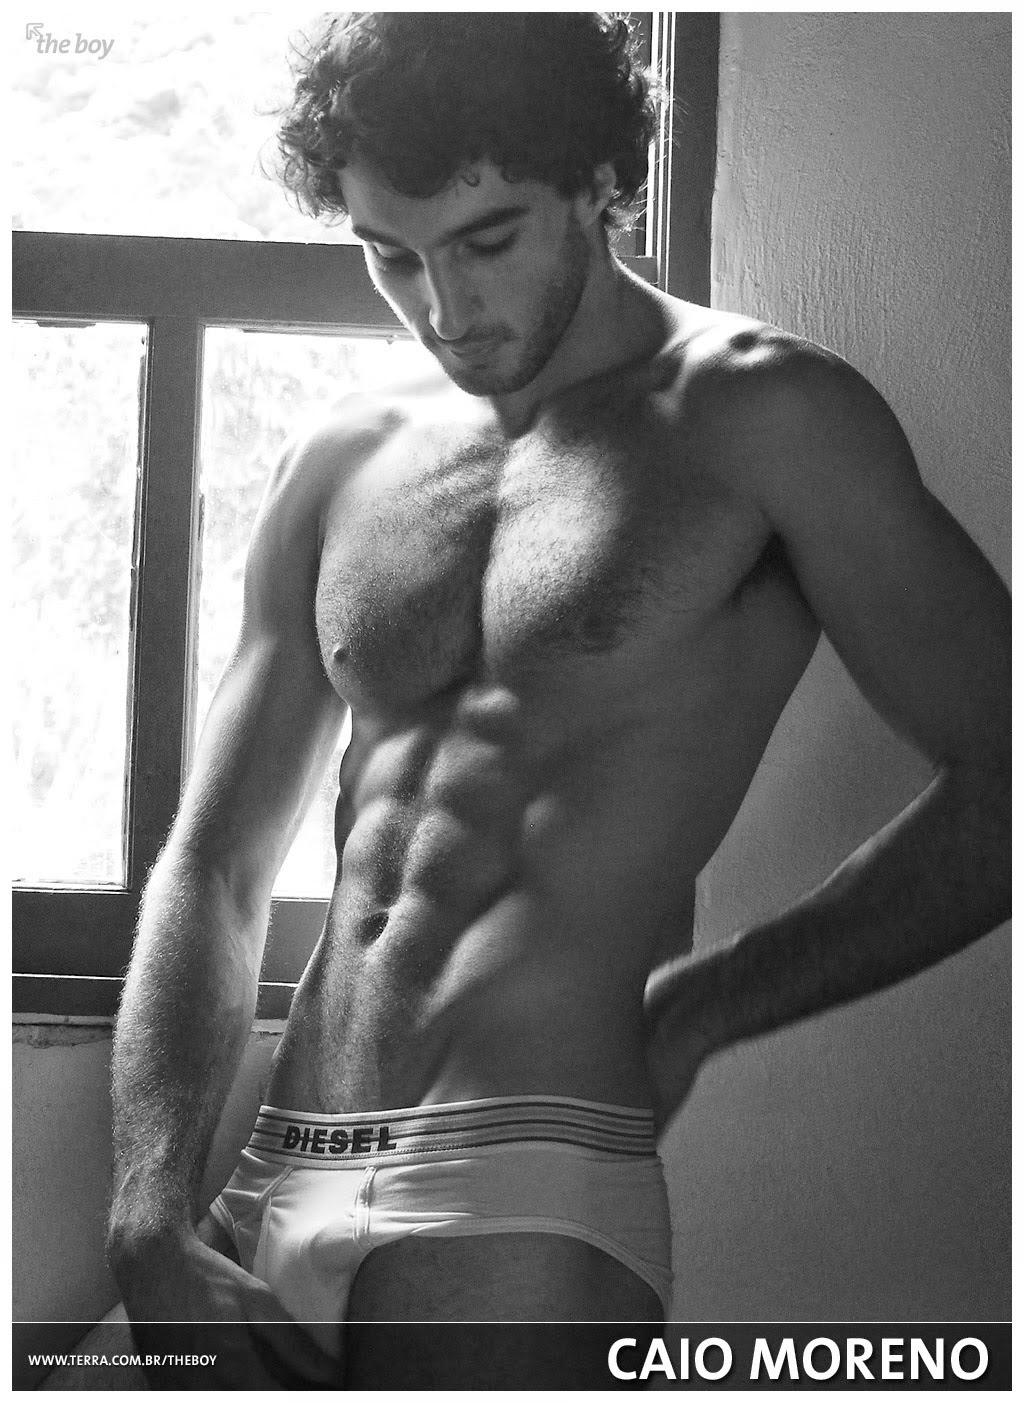 Caio Moreno